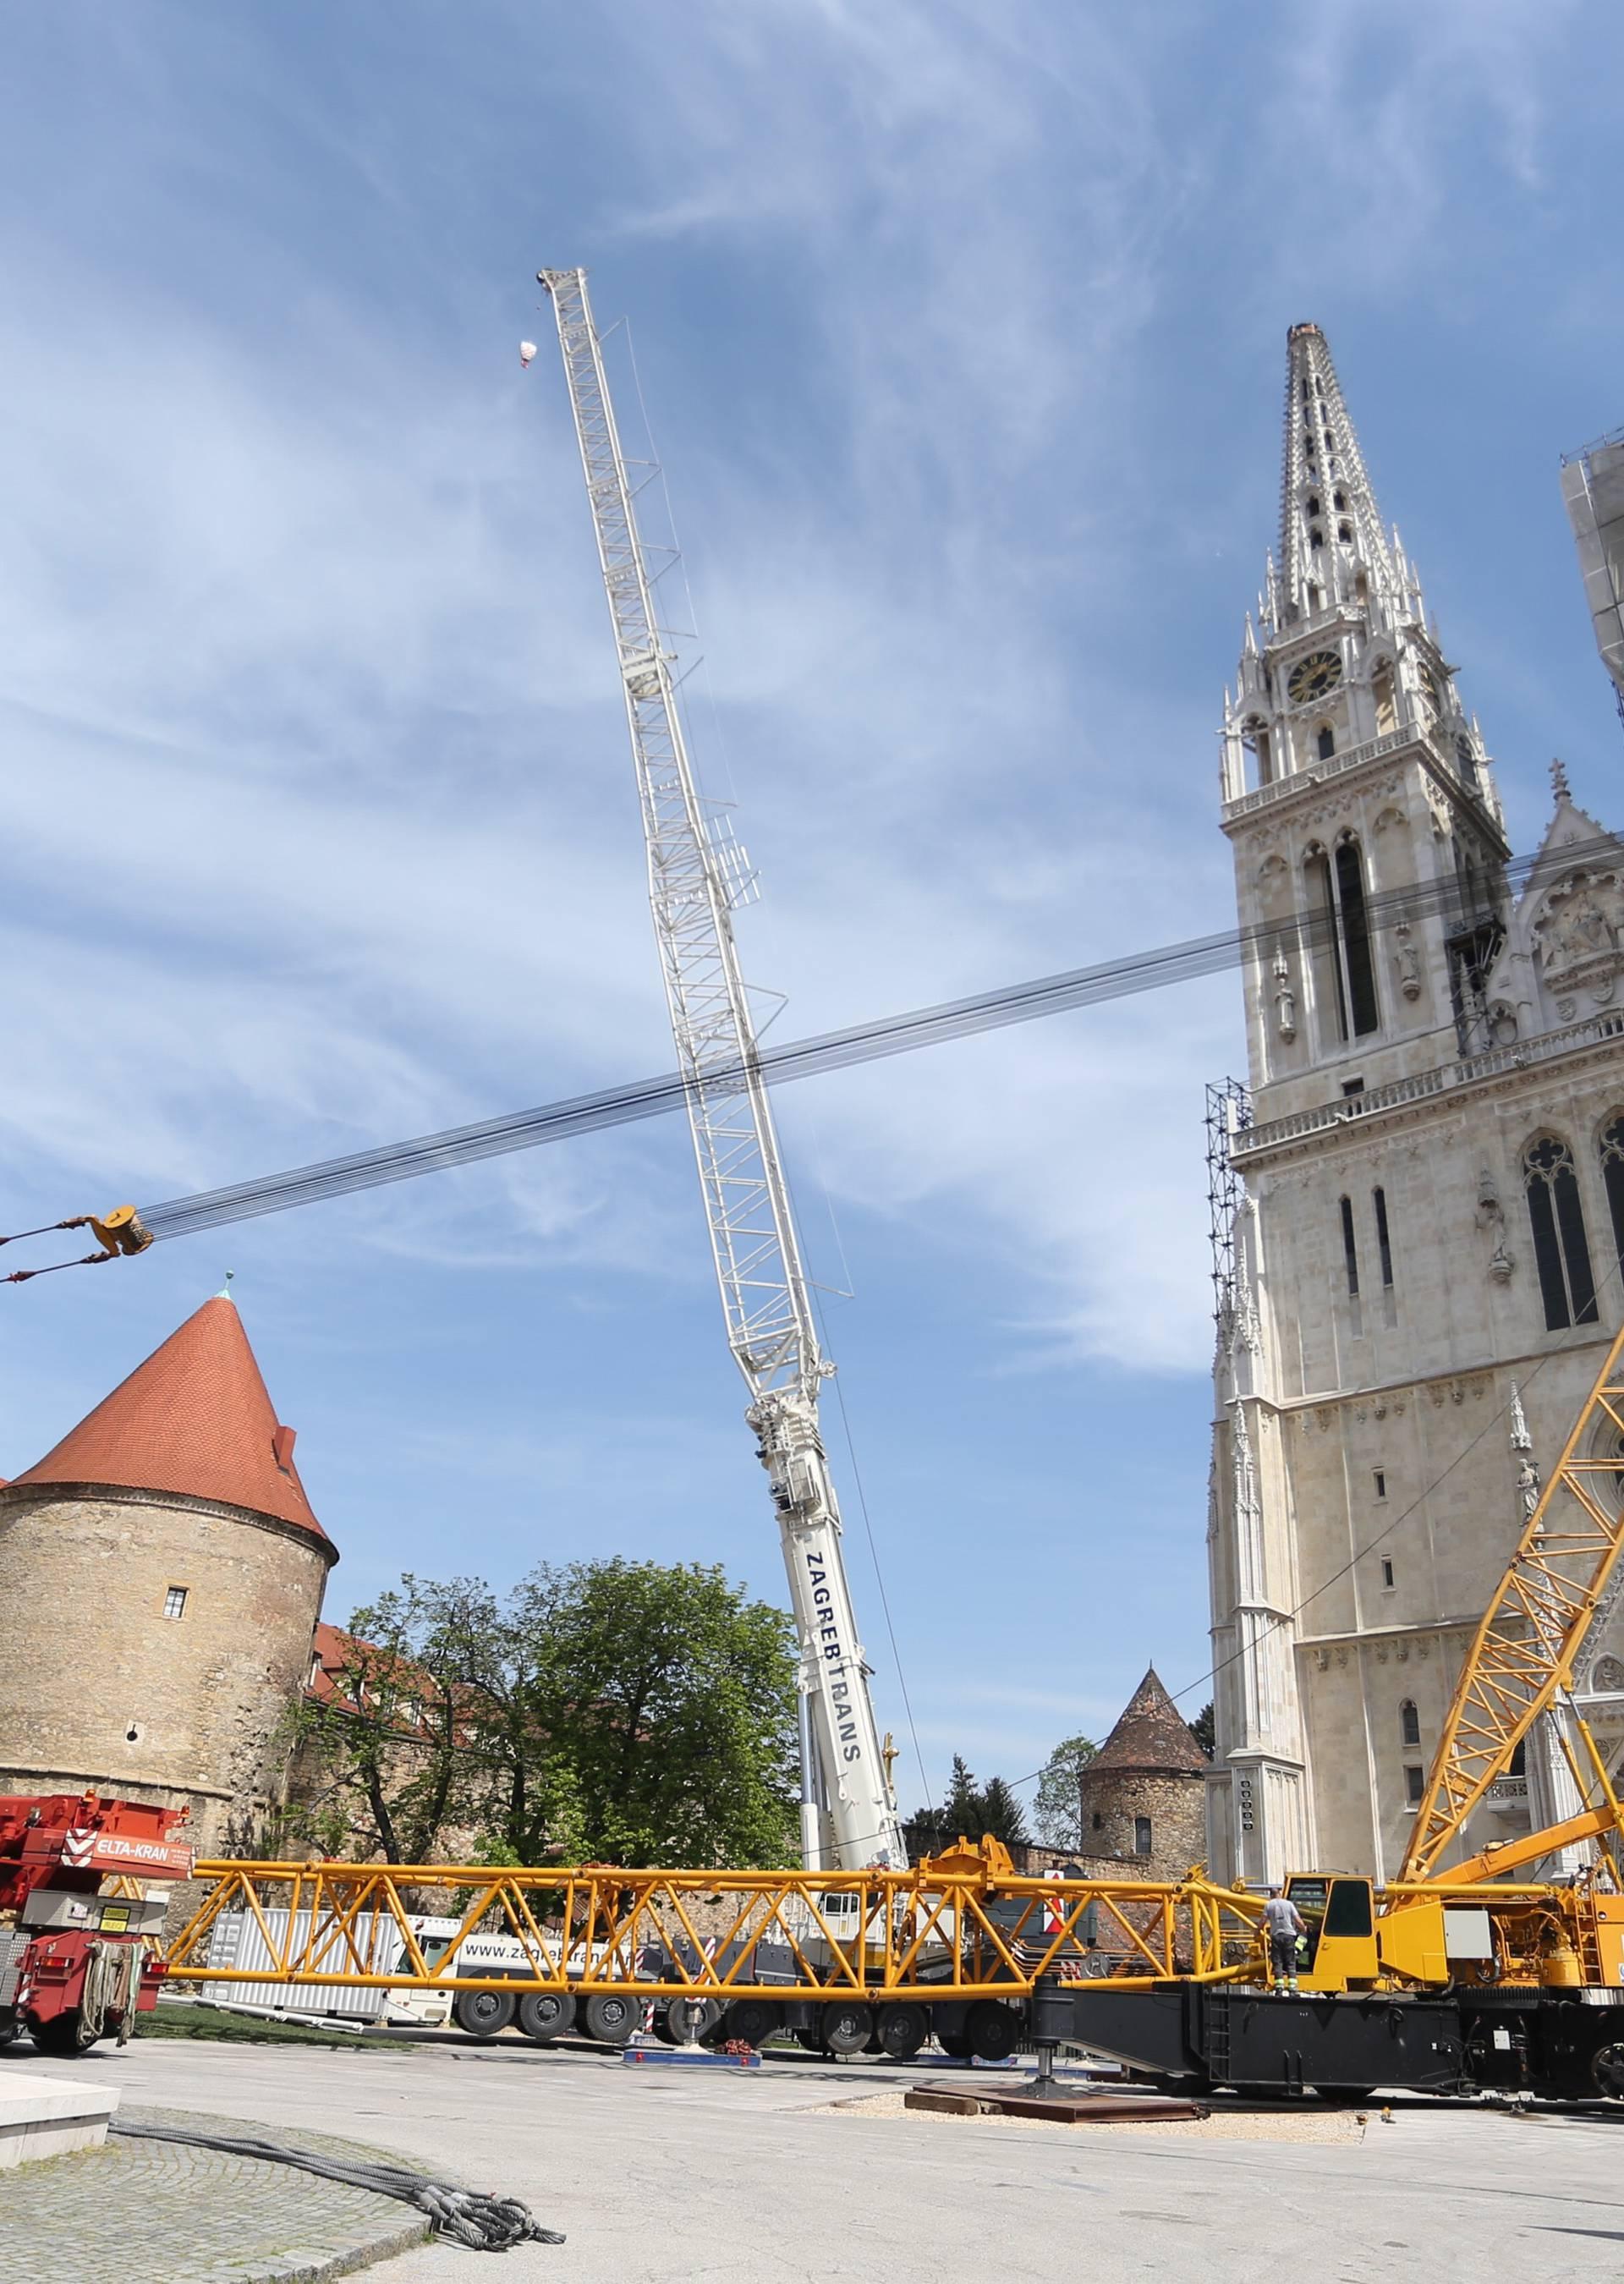 Zagreb: Građani u prolasku fotografiraju katedralu čiji je sjeverni toranj jučer uklonjen